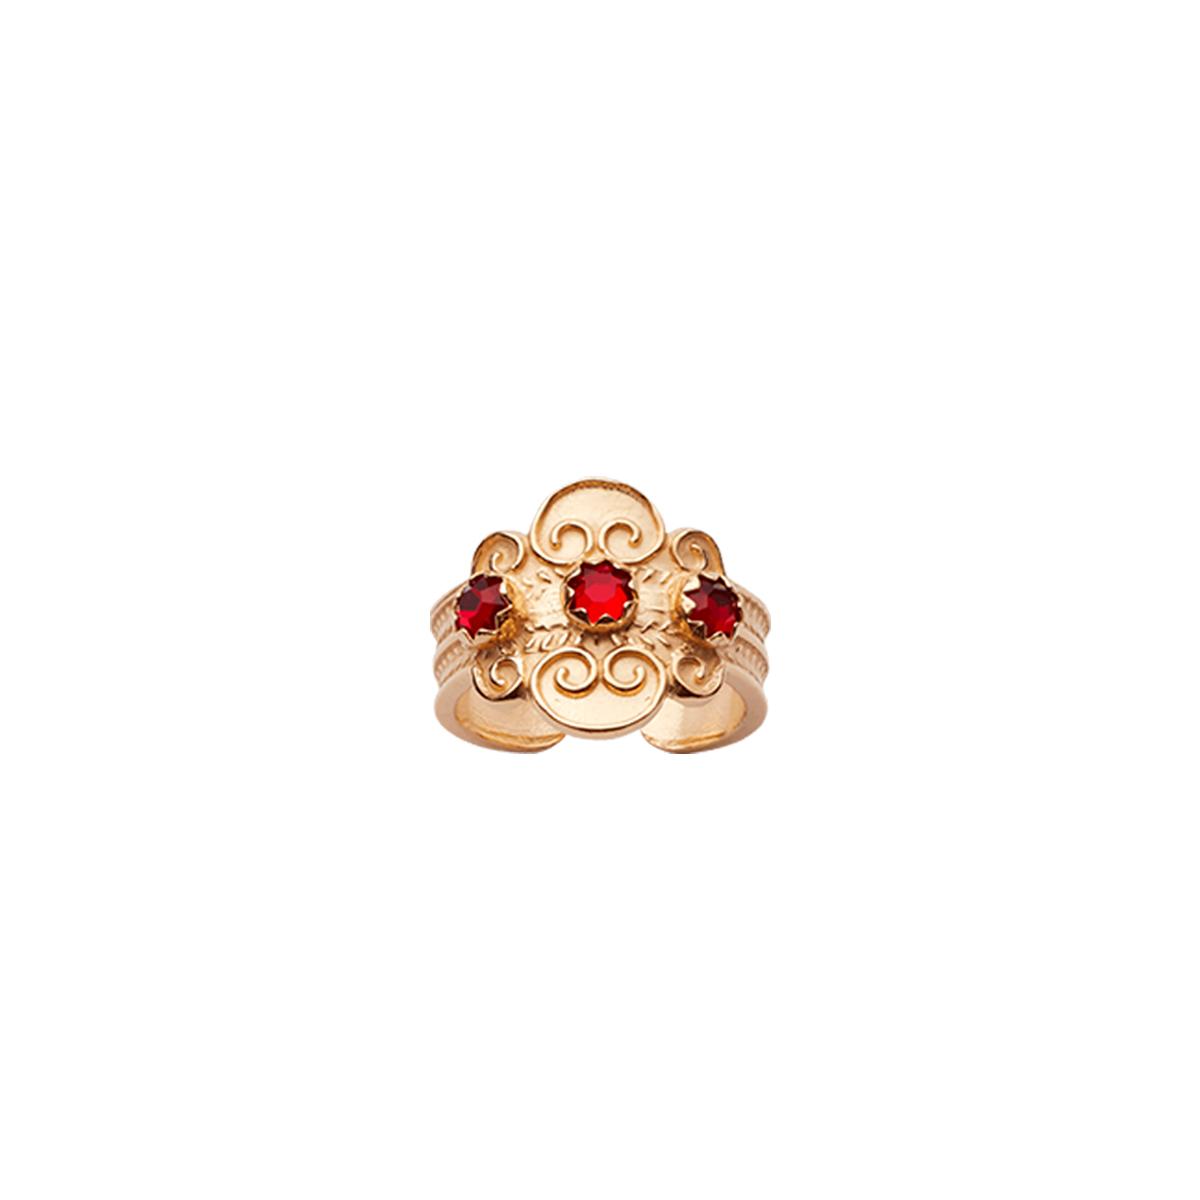 317607 - Ring med raud stein, forgylt